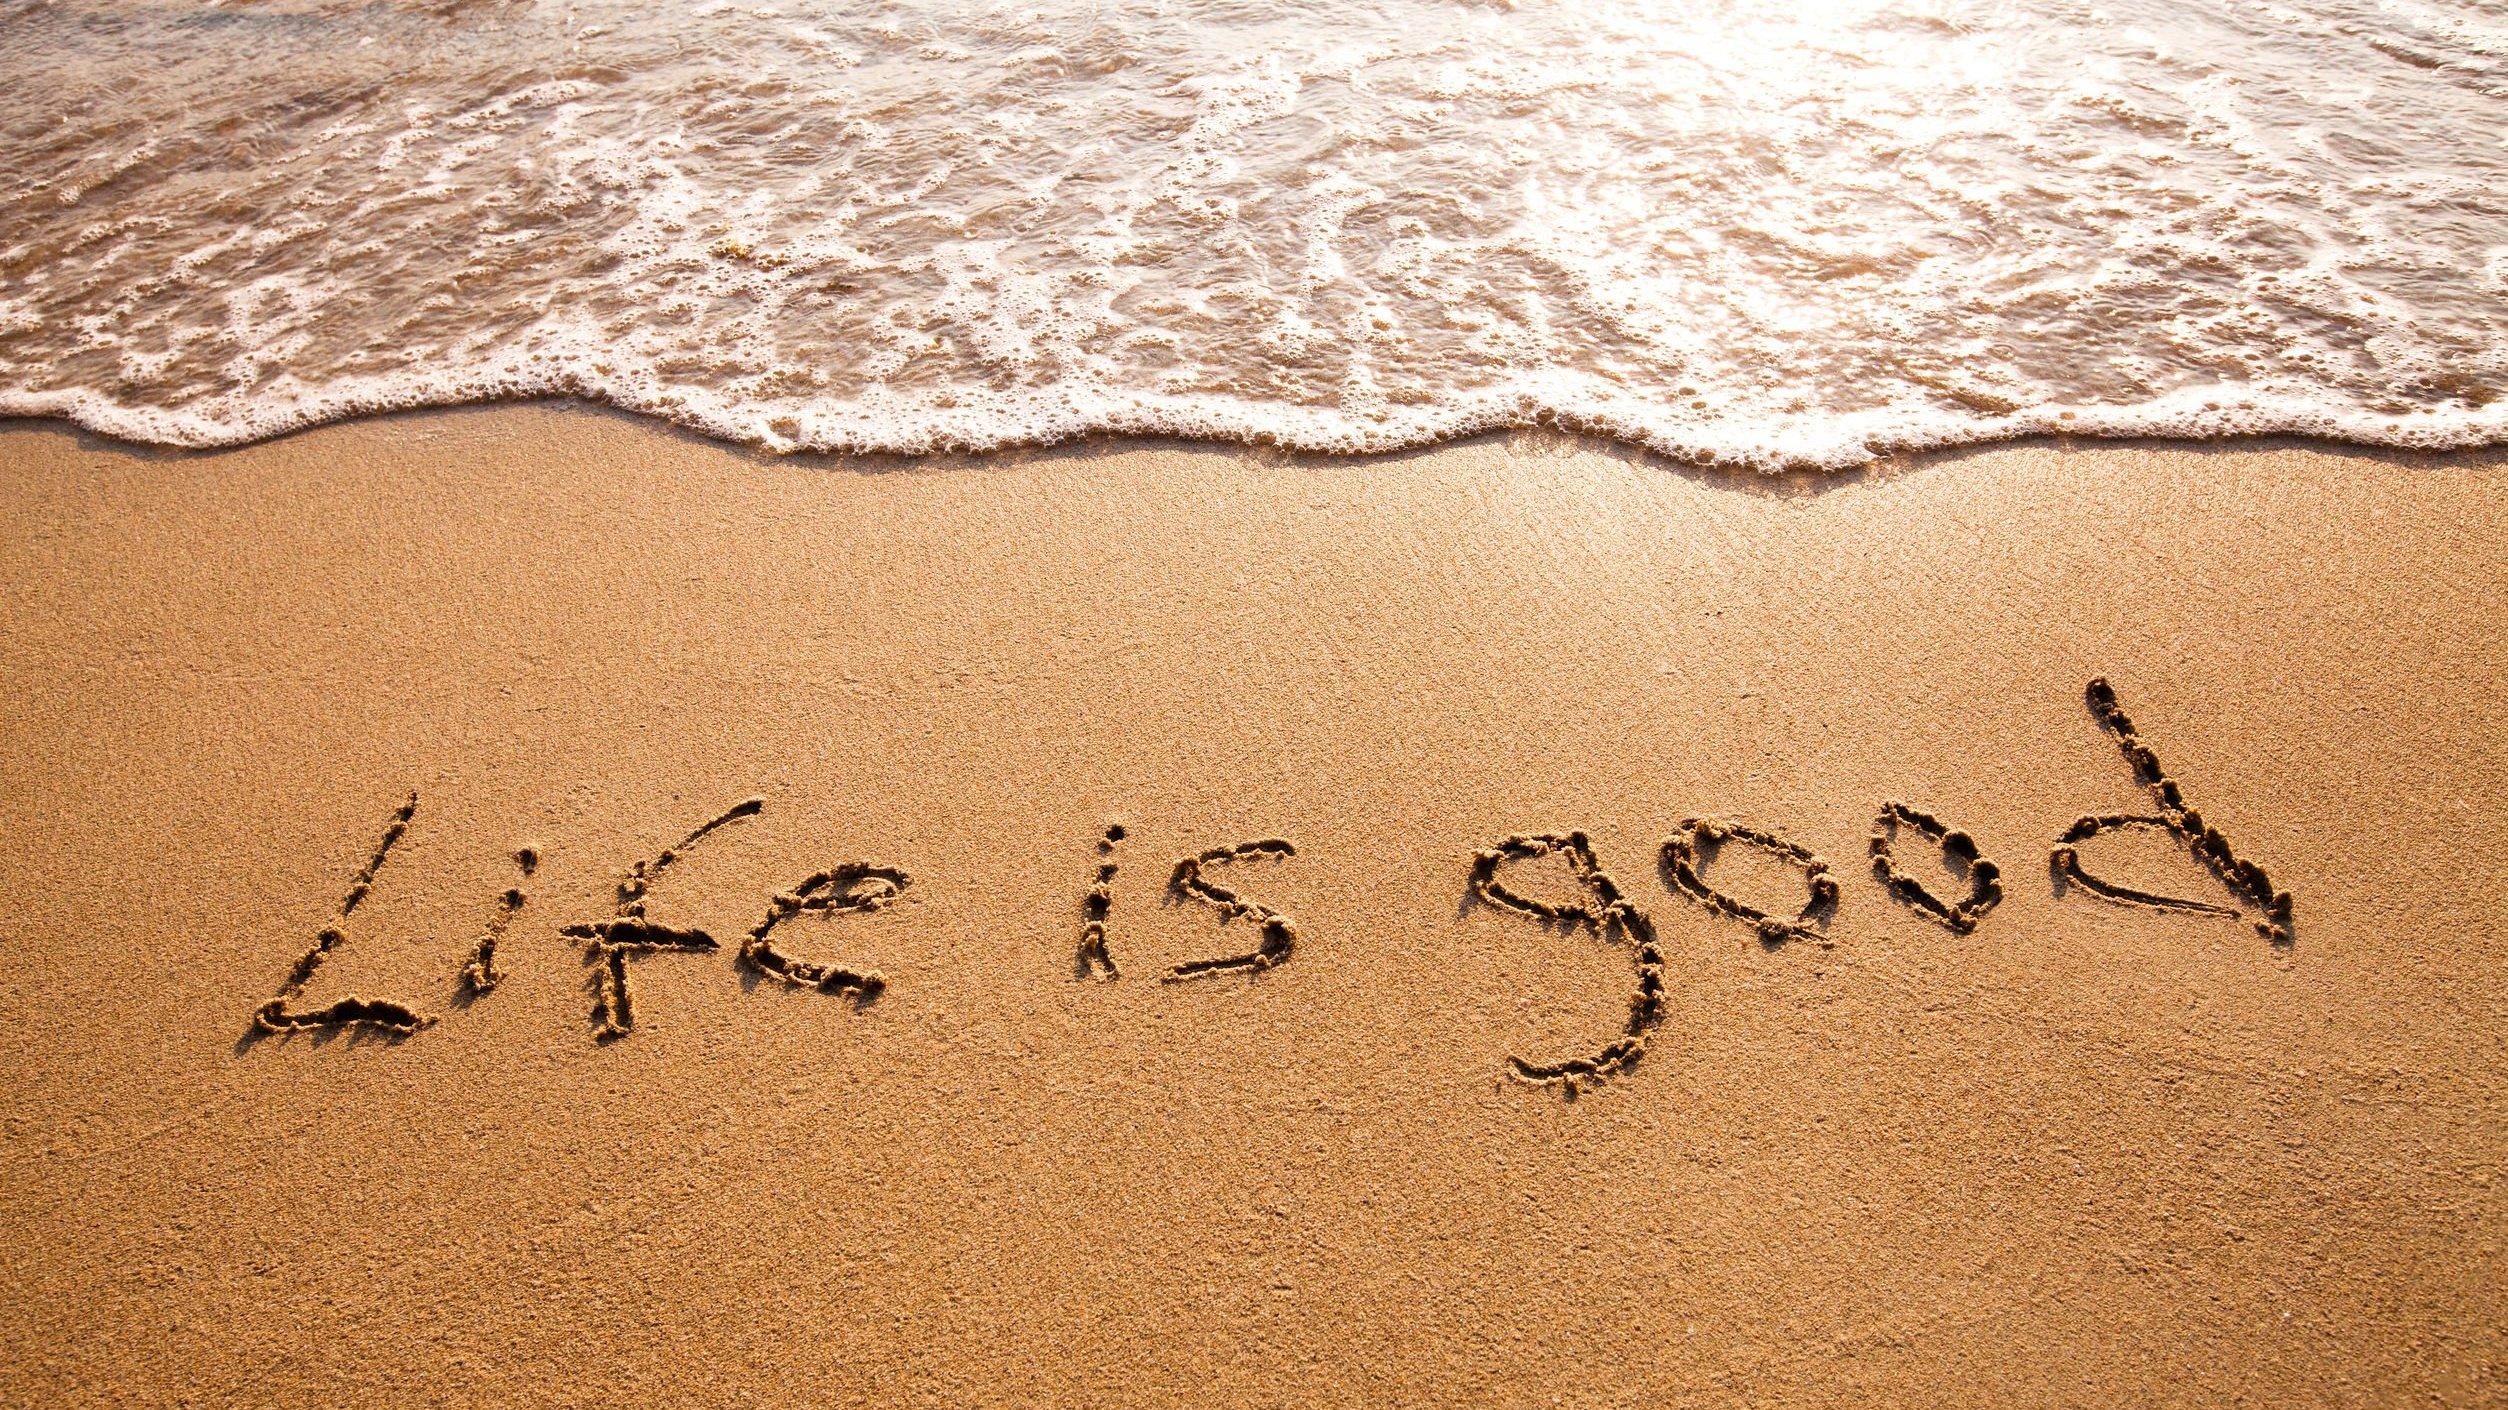 Imagem escrito a vida é boa em inglês